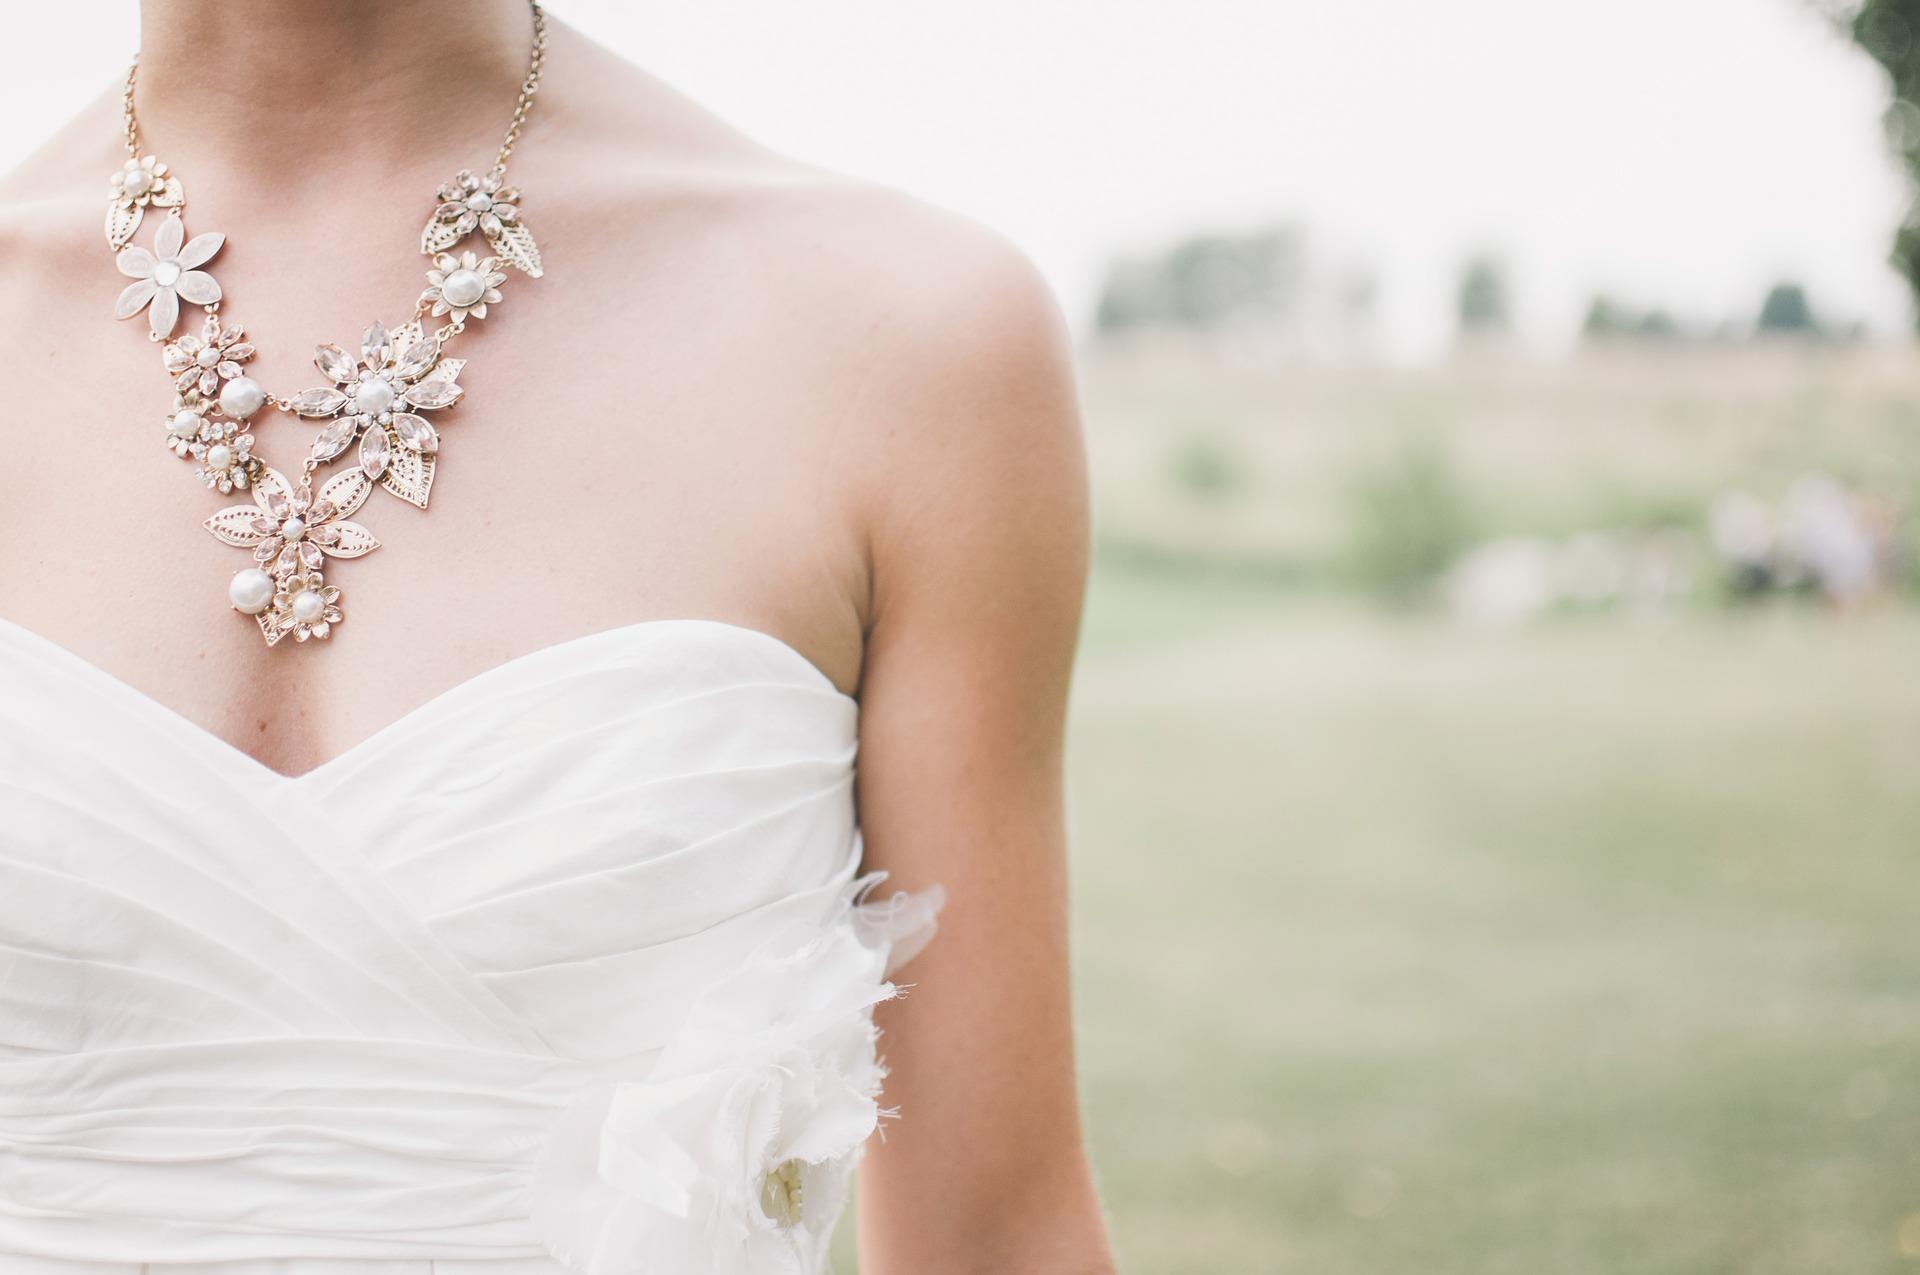 donna con gioielli